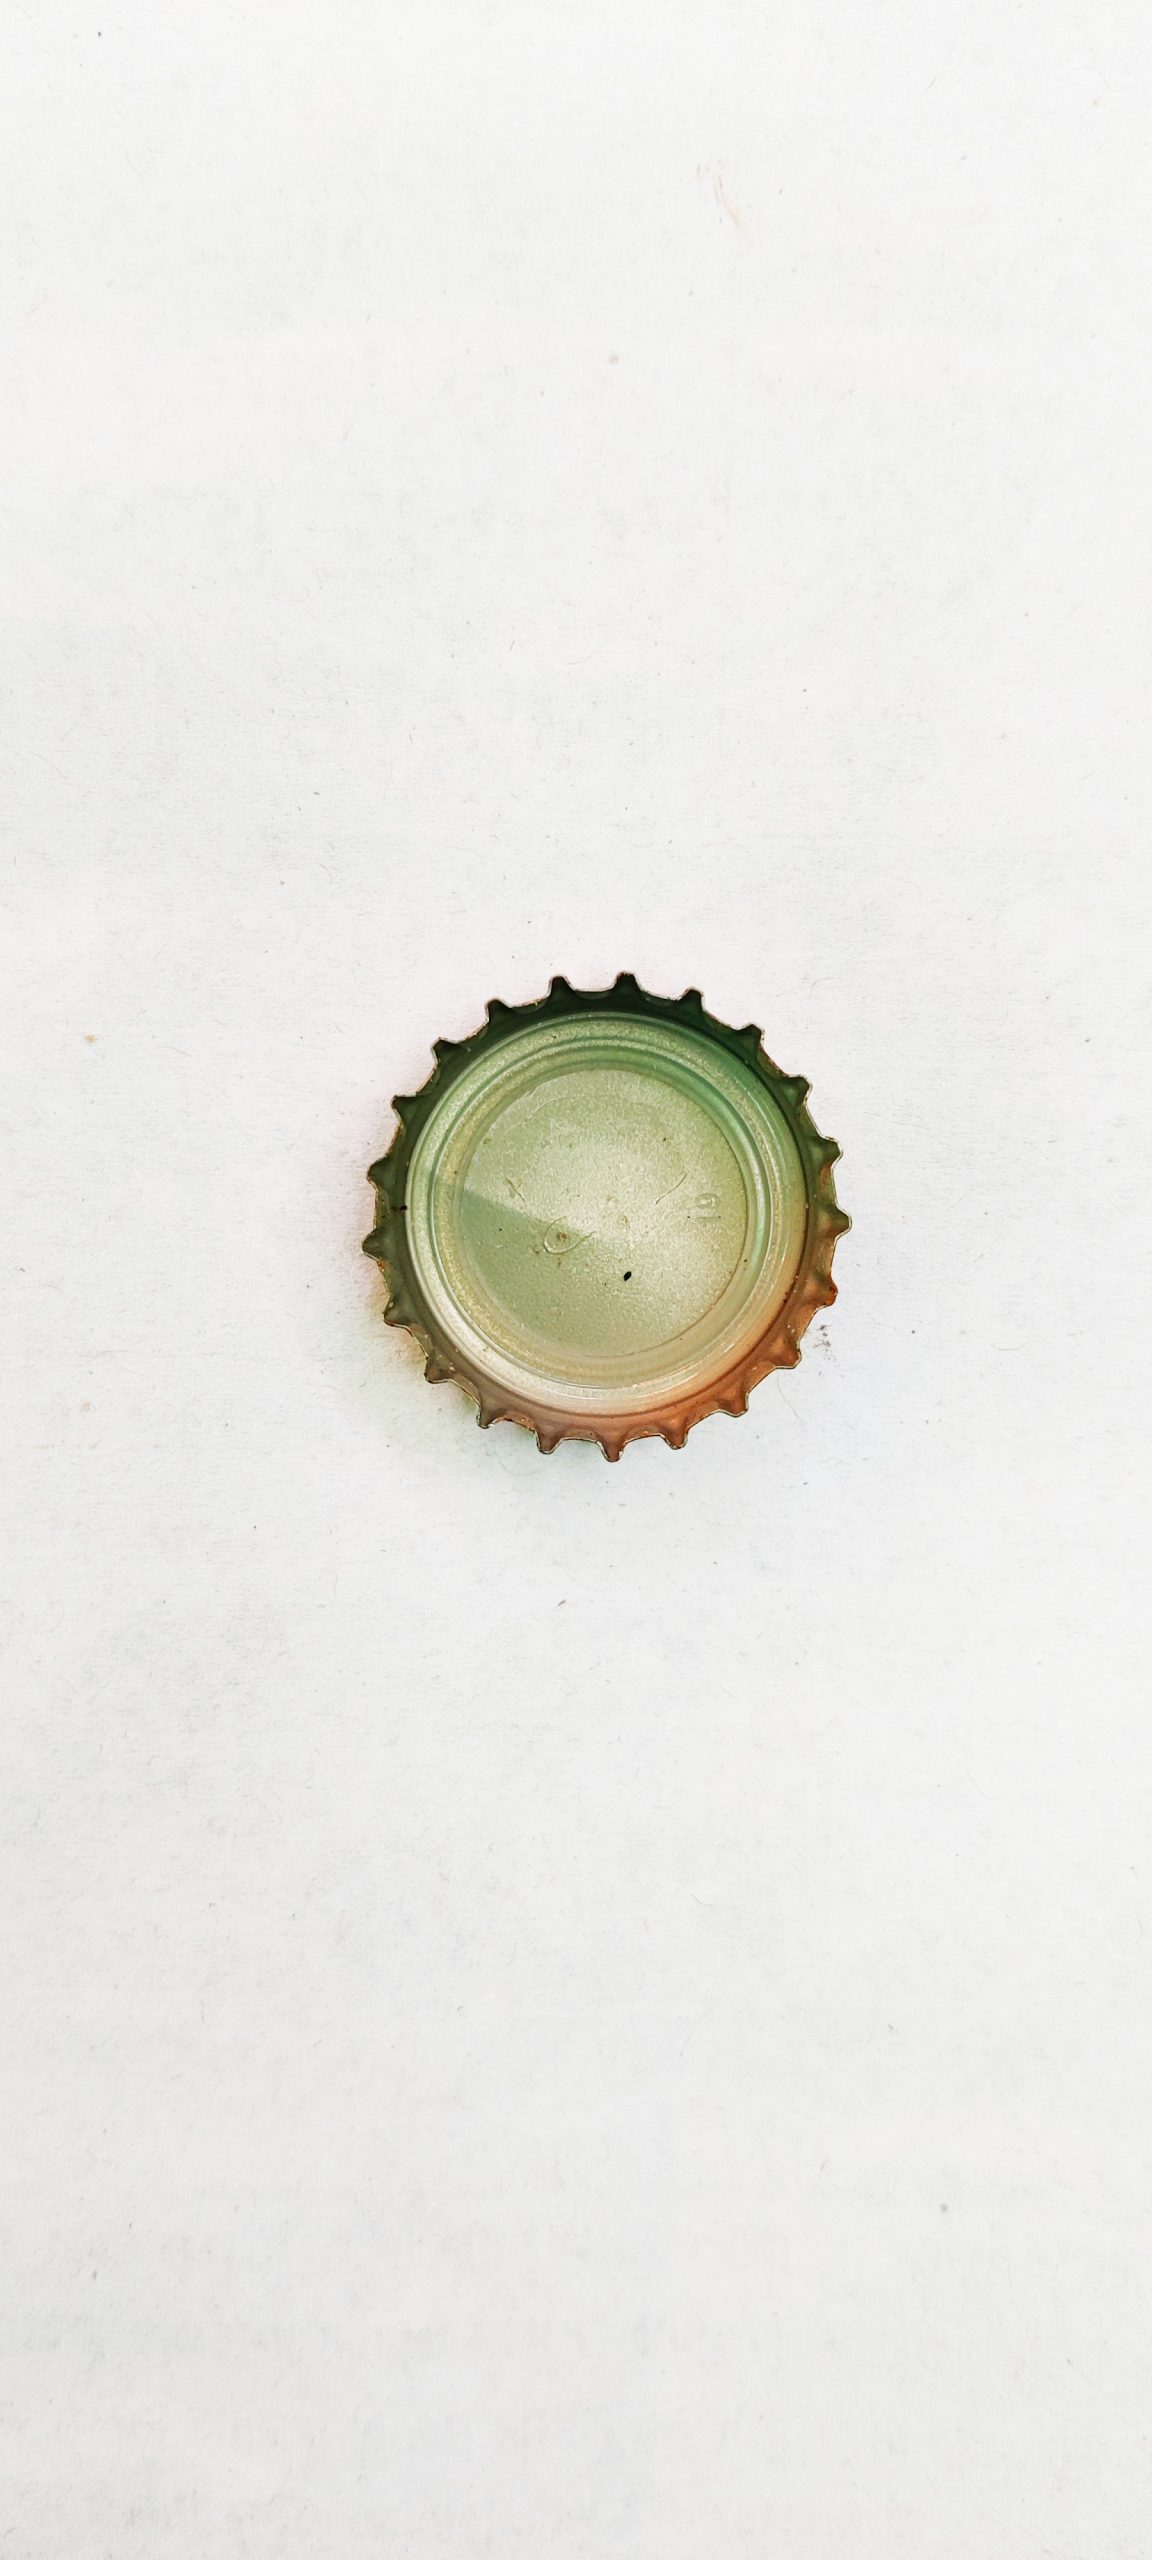 Portrait of a bottle cap